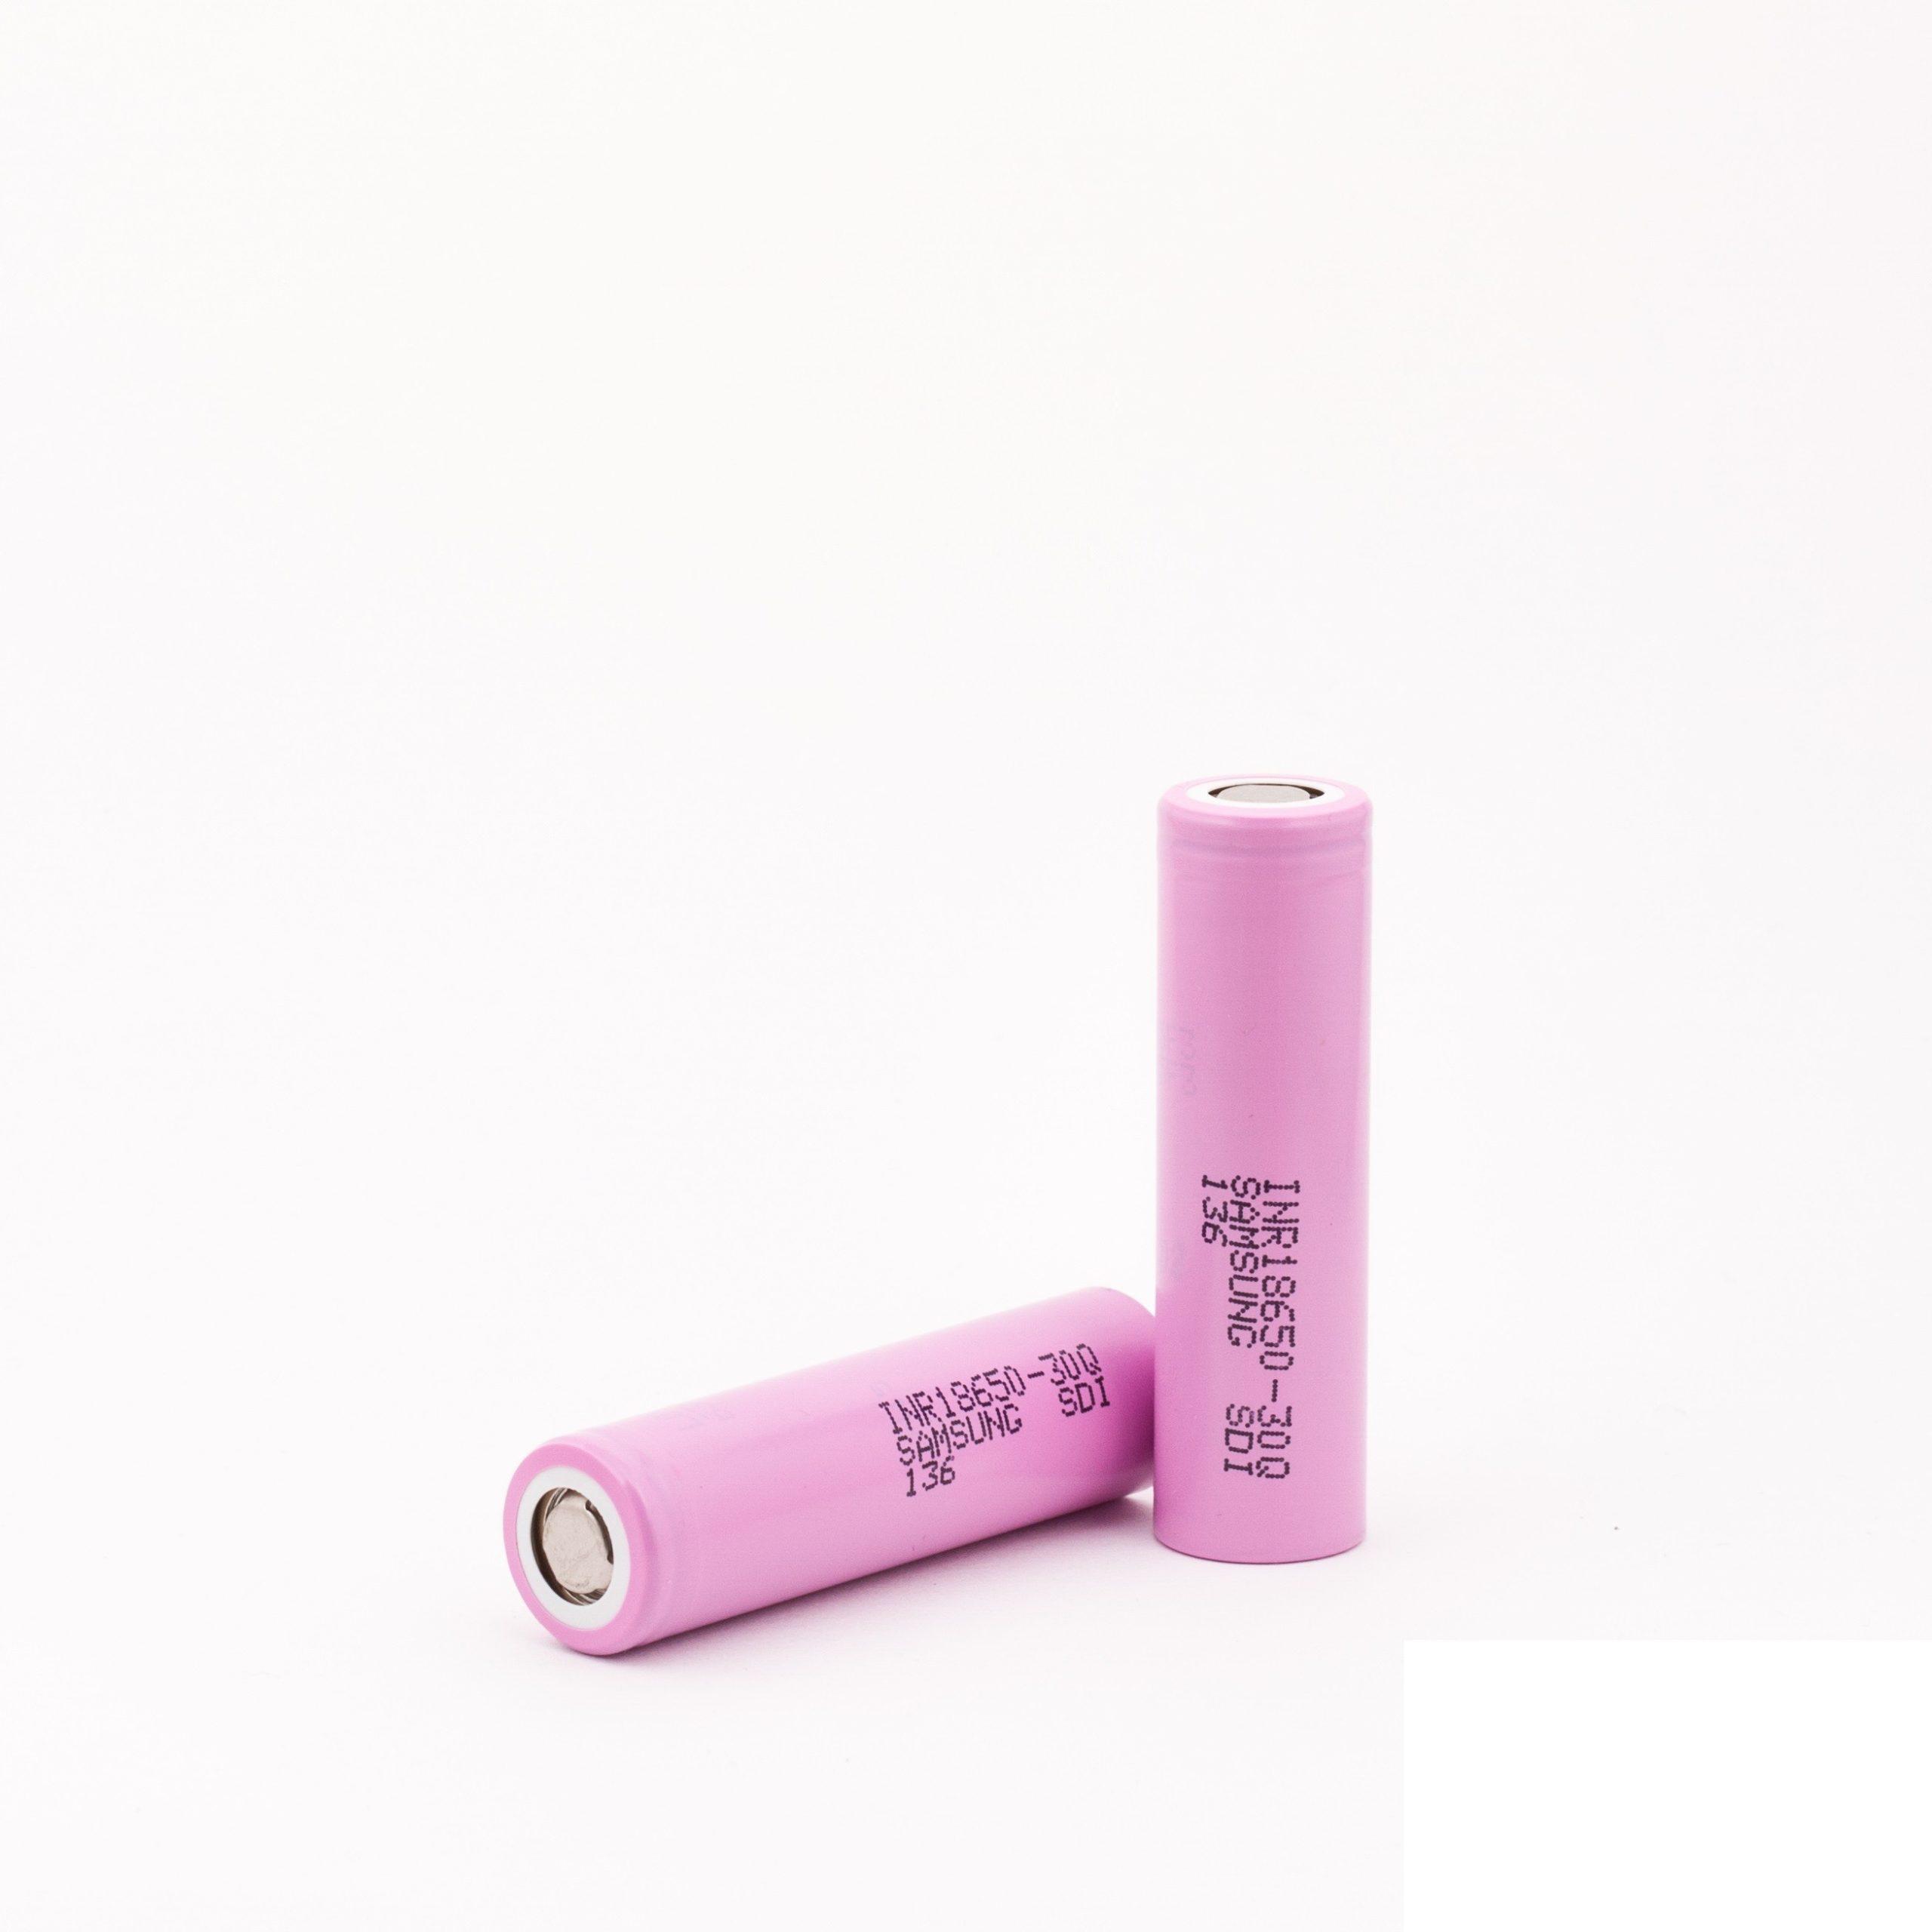 De Samsung INR 30Q 18650 is een flat top batterij met vermogen van 3000mAh en rating van 20A.